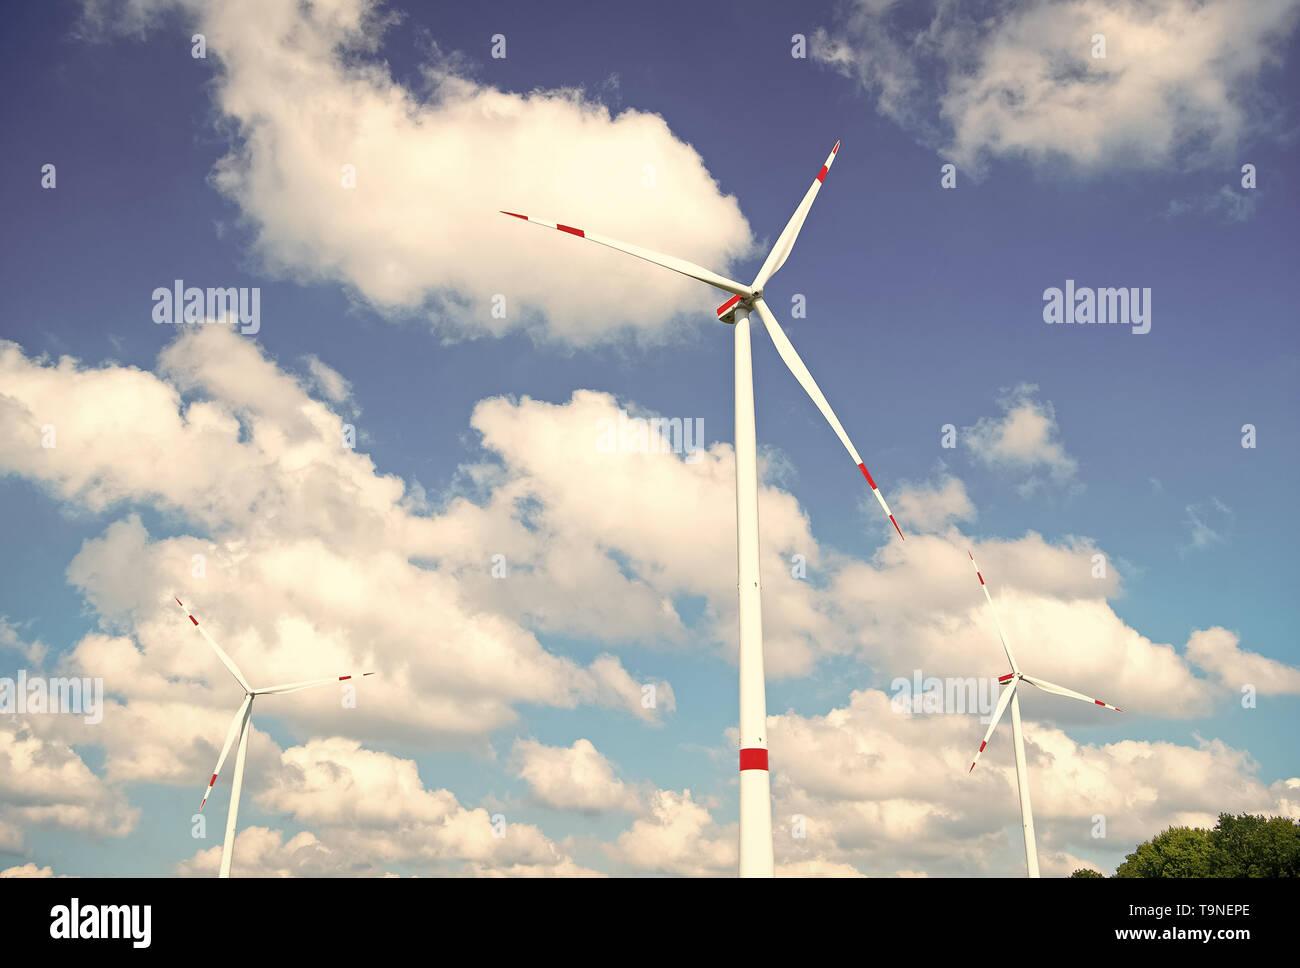 Turbine ou moulin fond de ciel bleu. Autre source d'énergie. Go Green eco friendly technologies. Du carburant propre source d'énergie. Avantages et challen Photo Stock